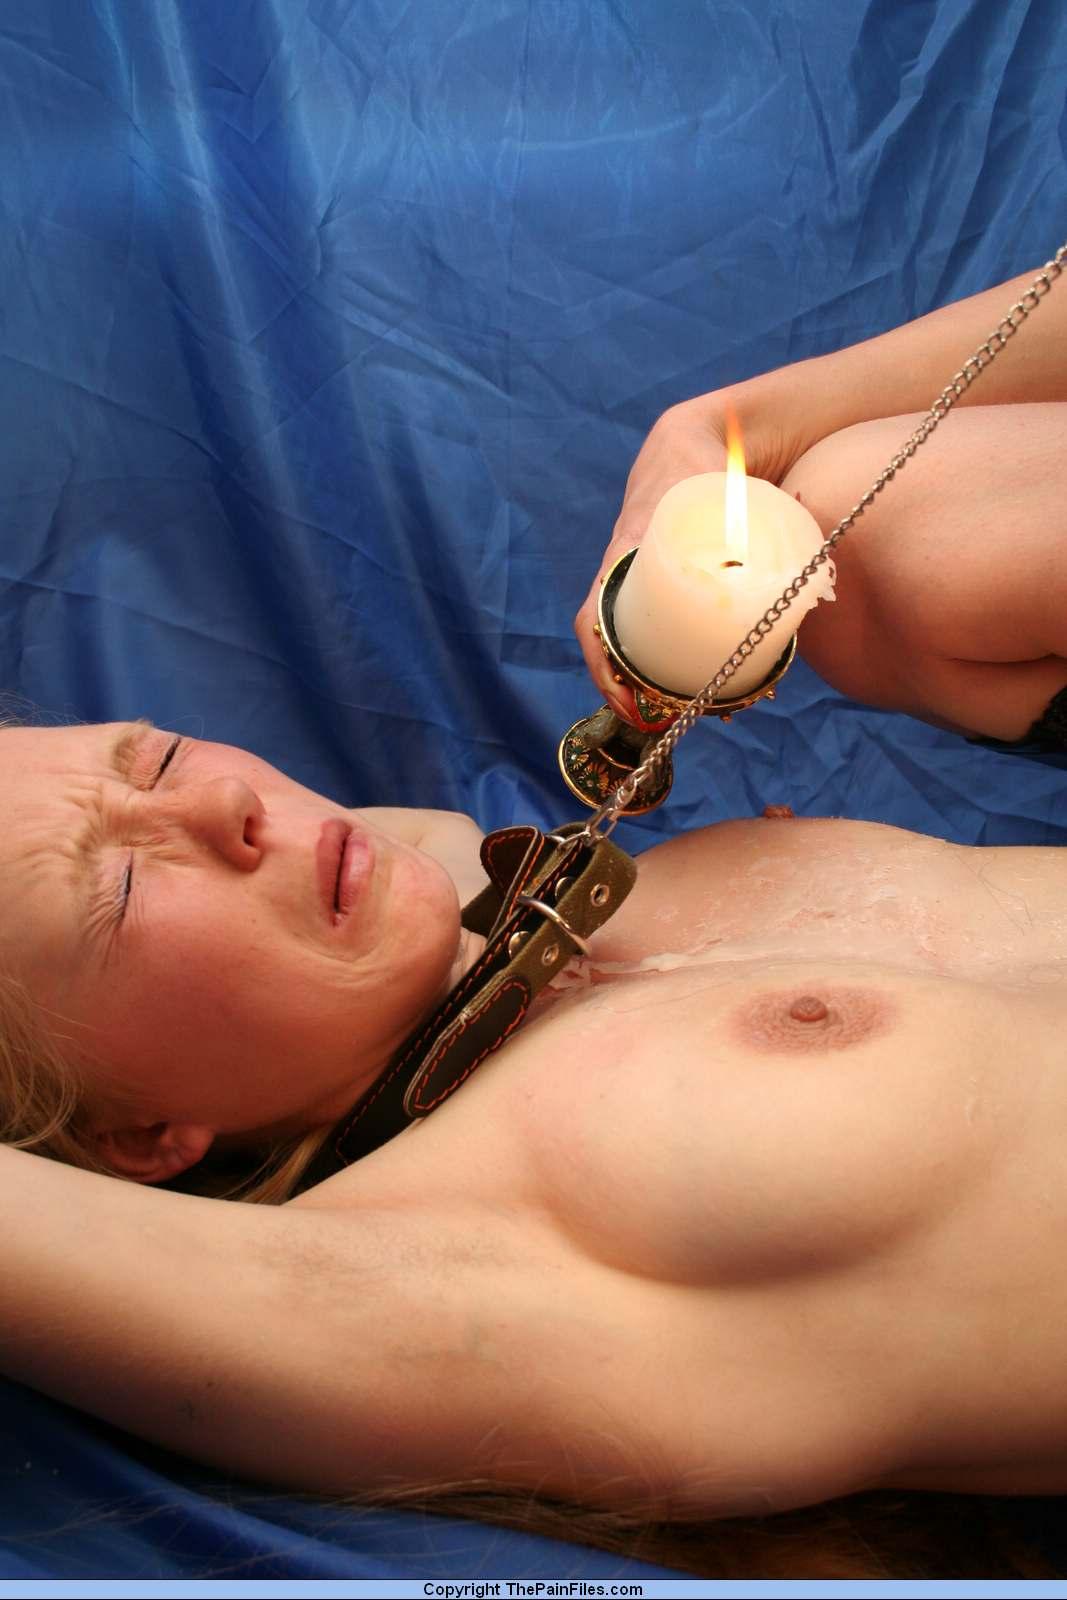 Секс с горячим воском на пизде 4 фотография